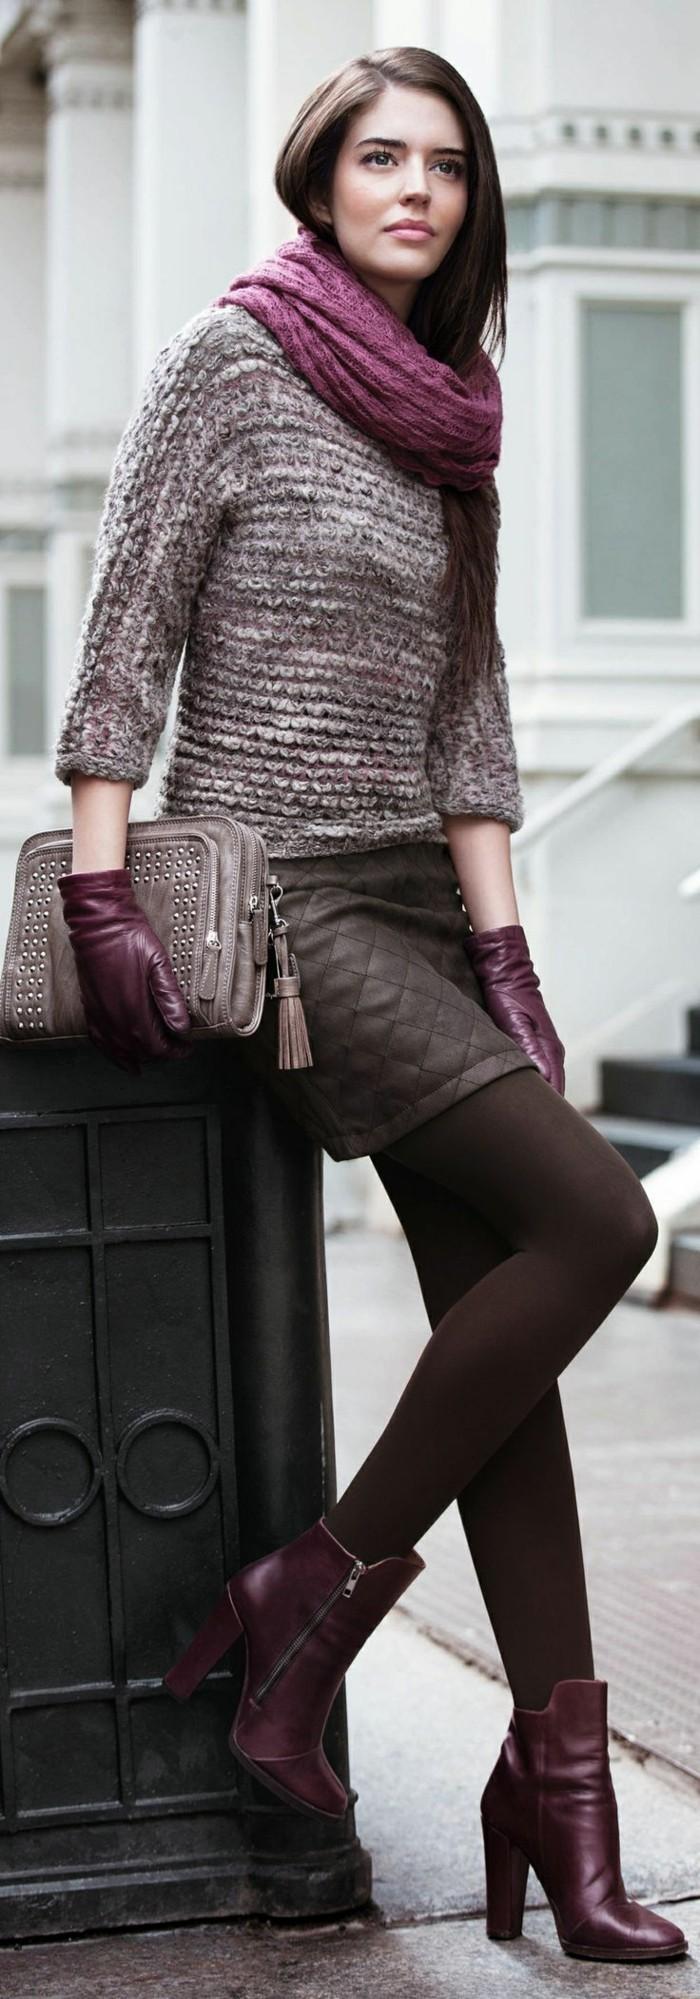 comment-etre-chic-avec-les-gants-chauffants-choisir-le-meilleur-gant-chauffant-violet